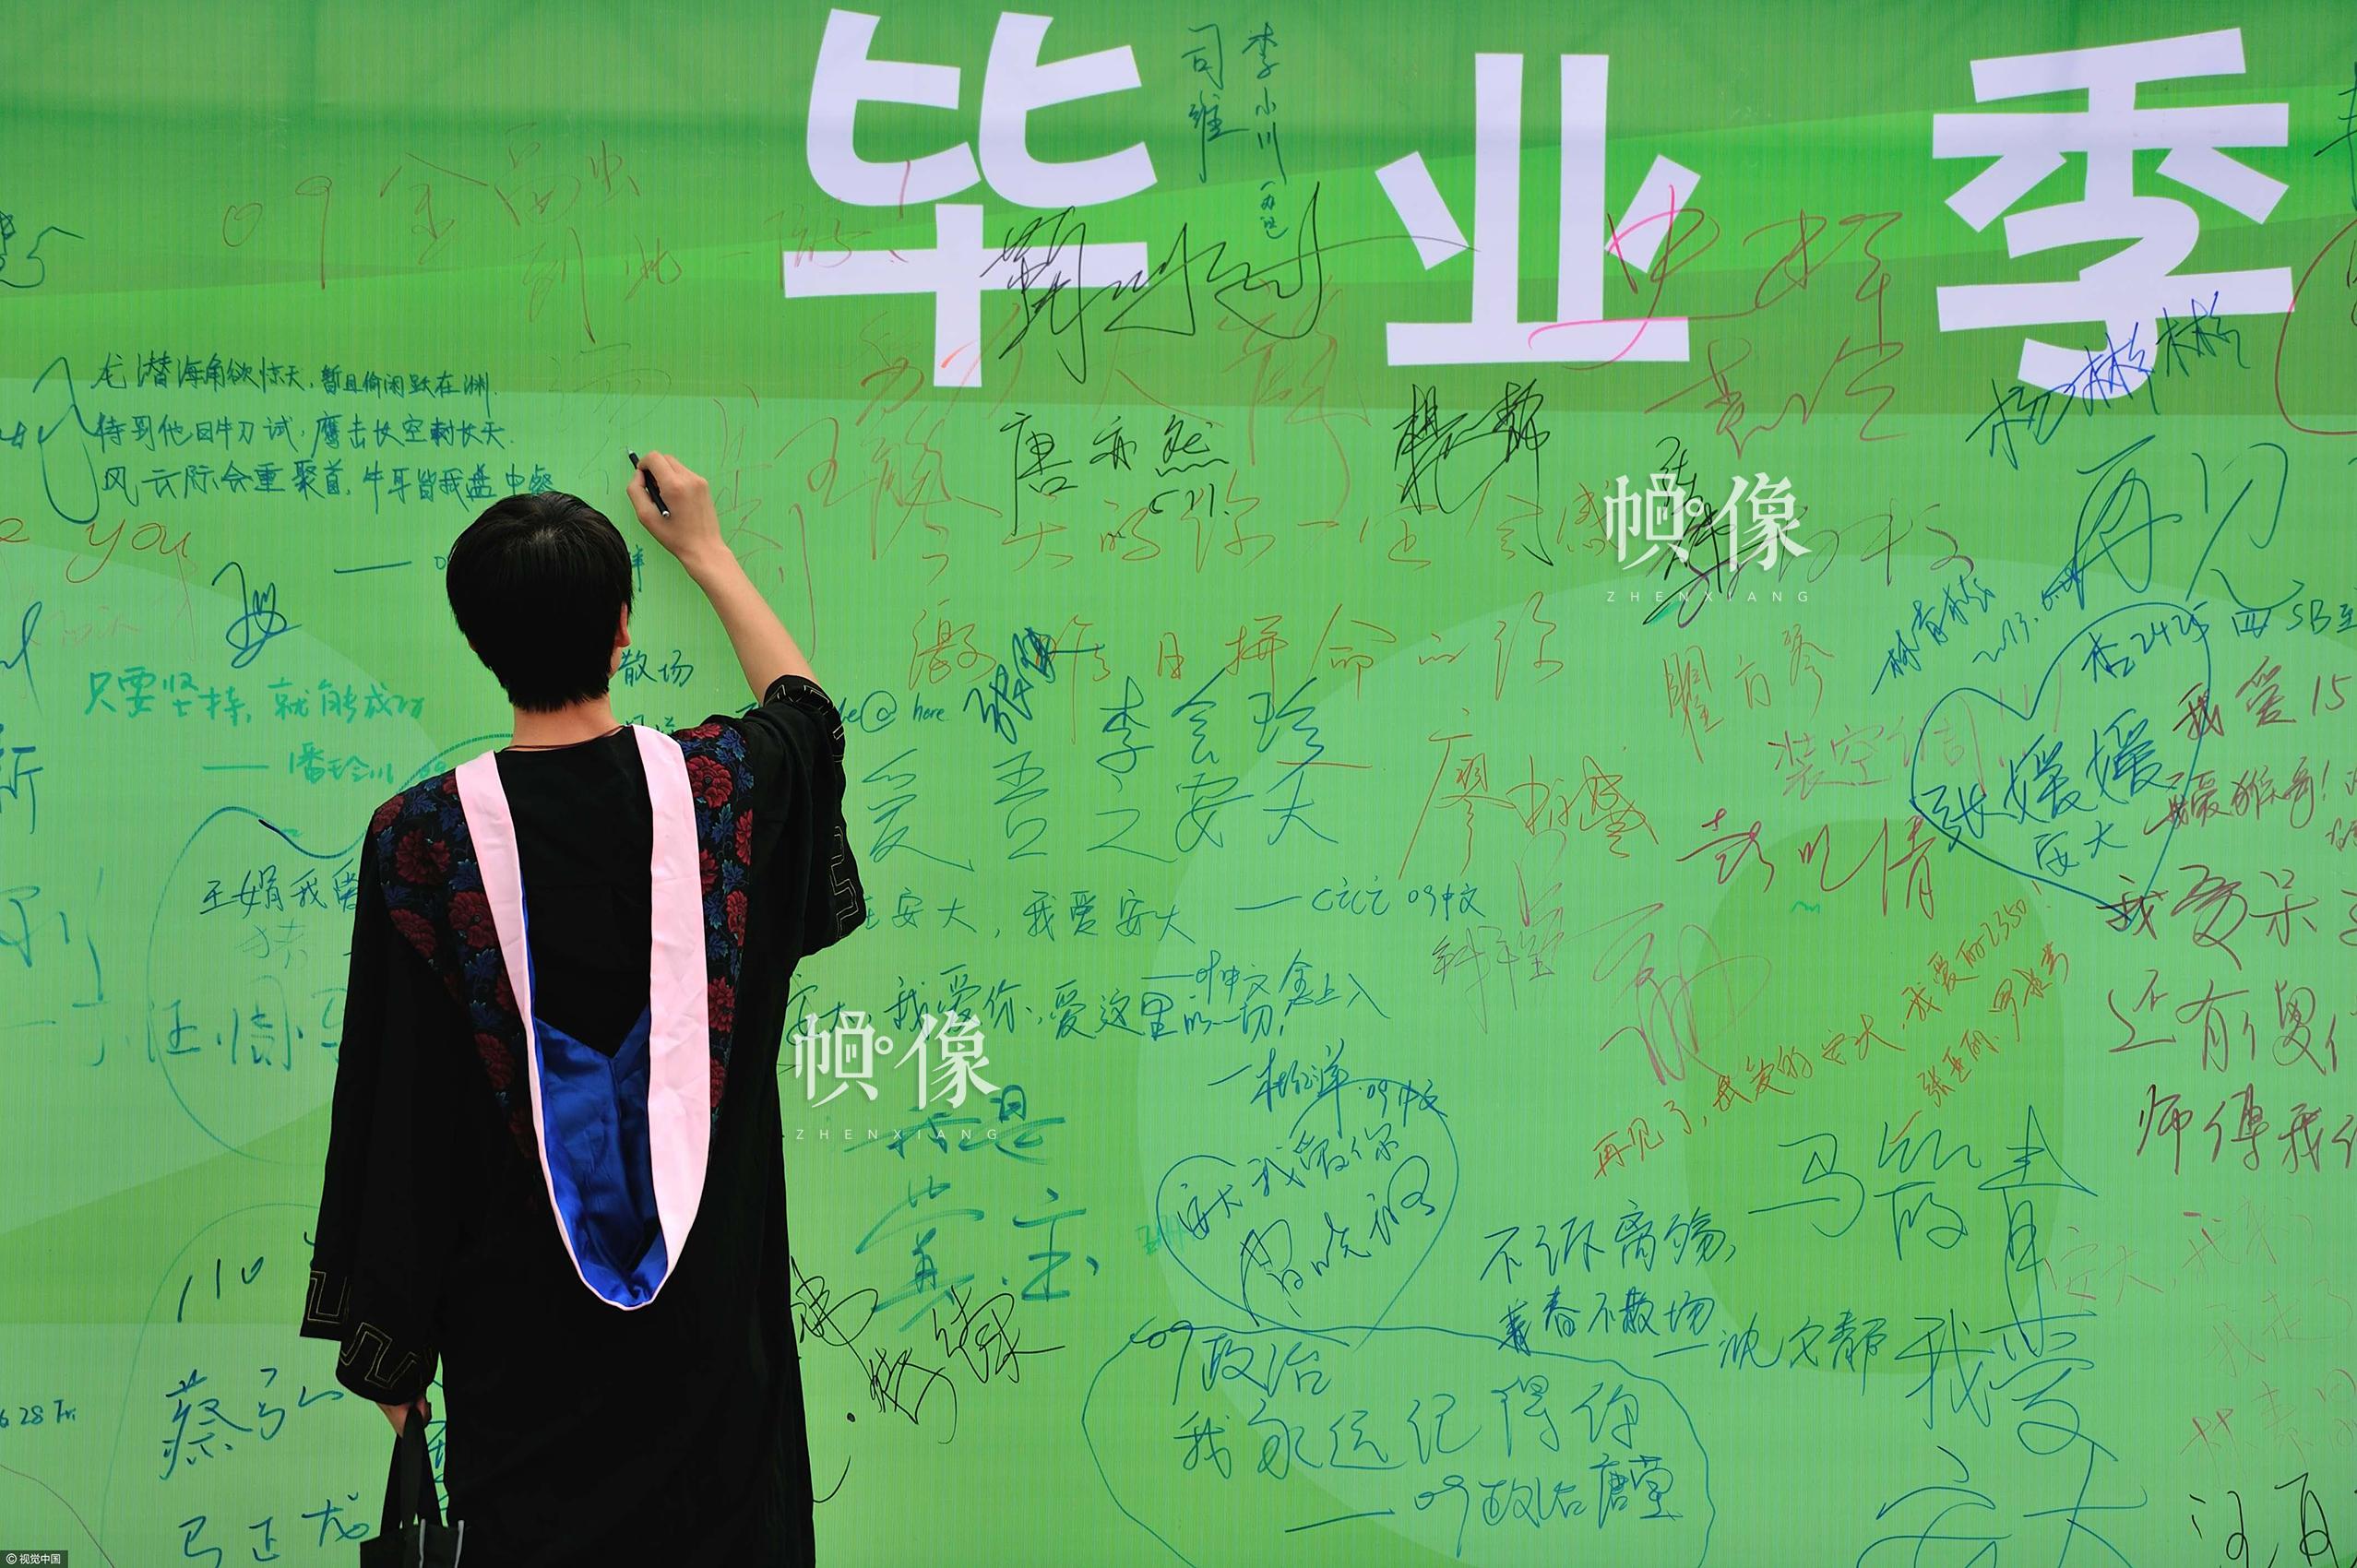 2013年6月28日,合肥,安徽大学,一位毕业生在毕业版上签名。视觉中国供图